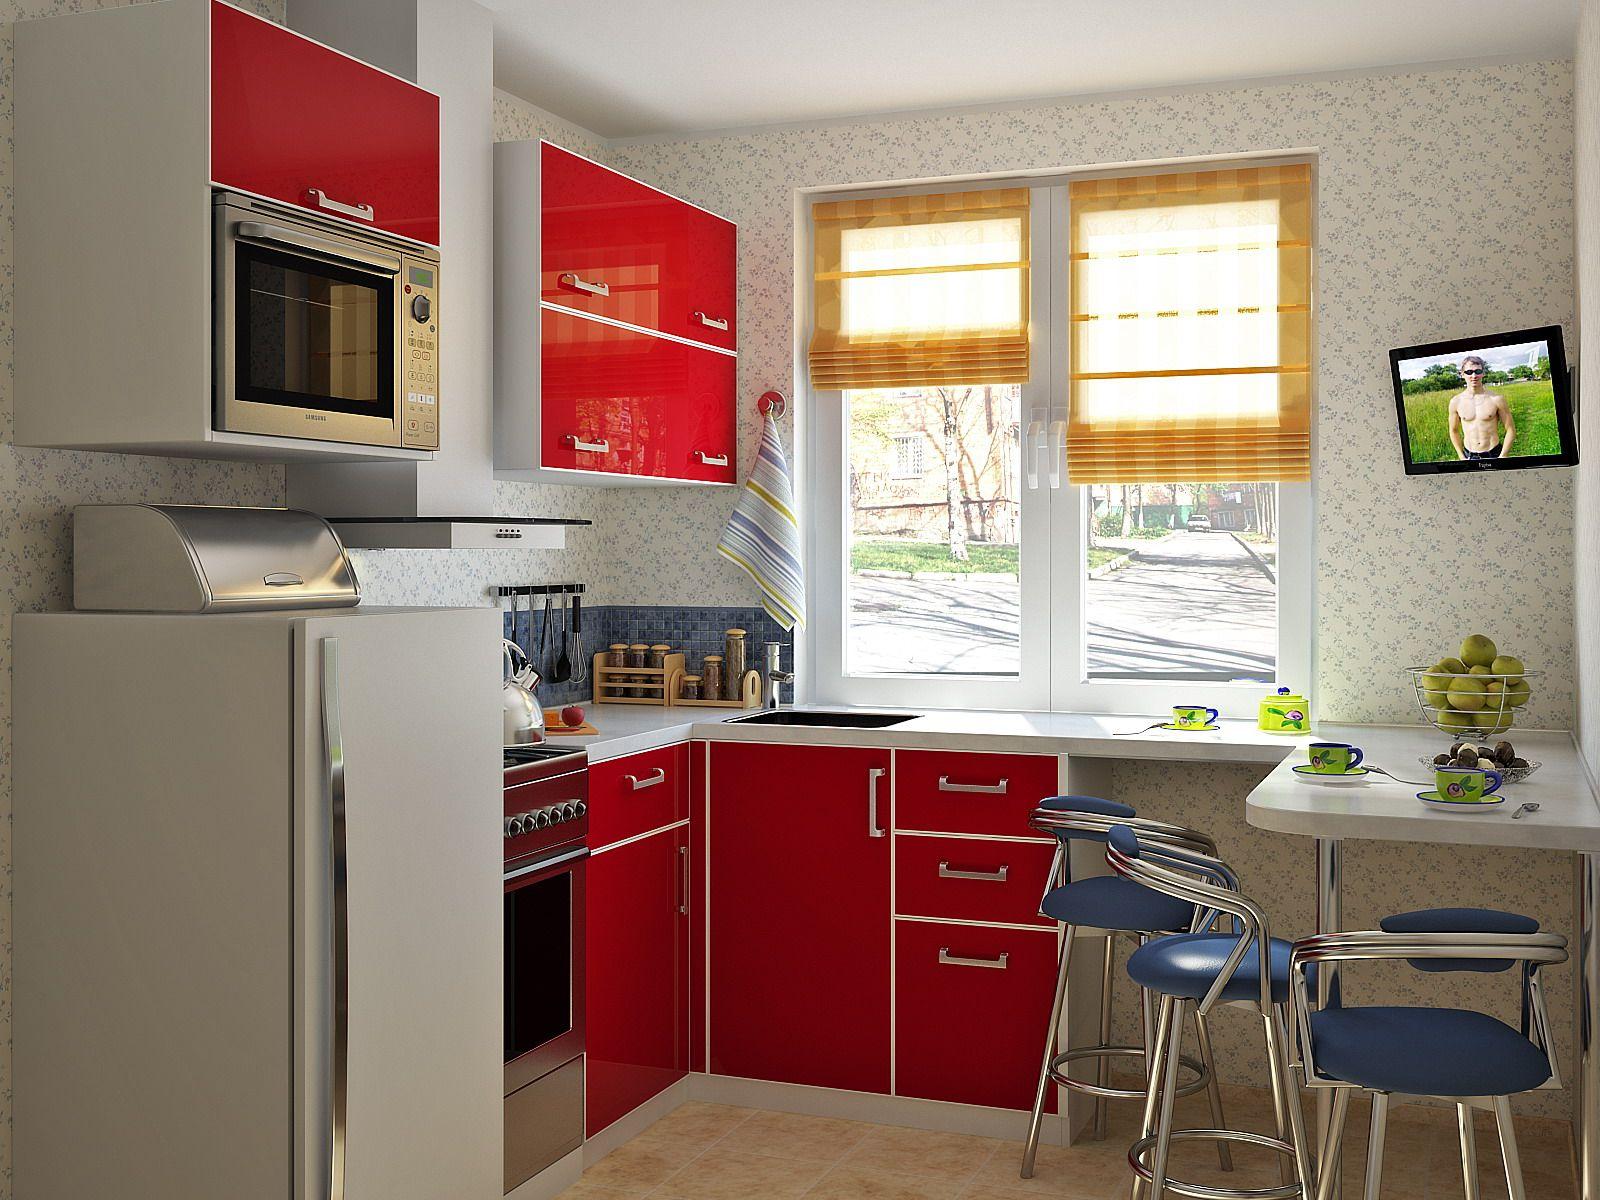 Ремонт маленькой кухни на примере 10 квартир (70 фото, видео) 16